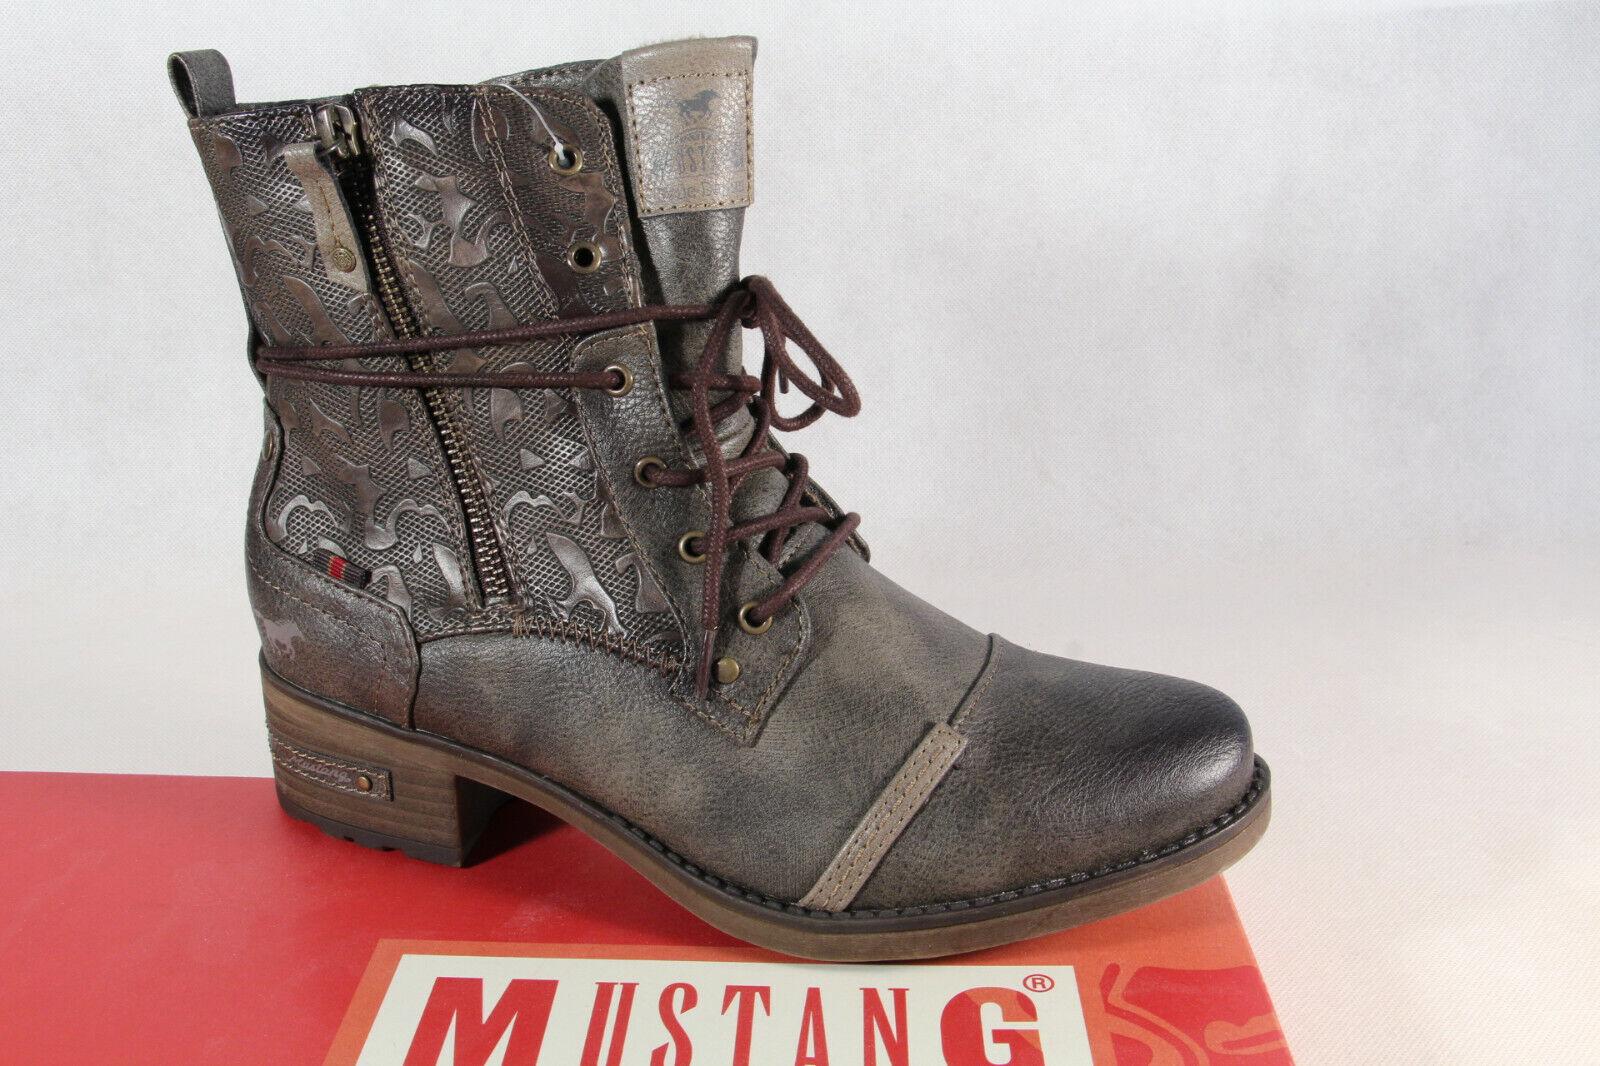 Mustang Stiefel Stiefeletten Stiefelette Schnürstiefel Stiefel cigar 1229 NEU